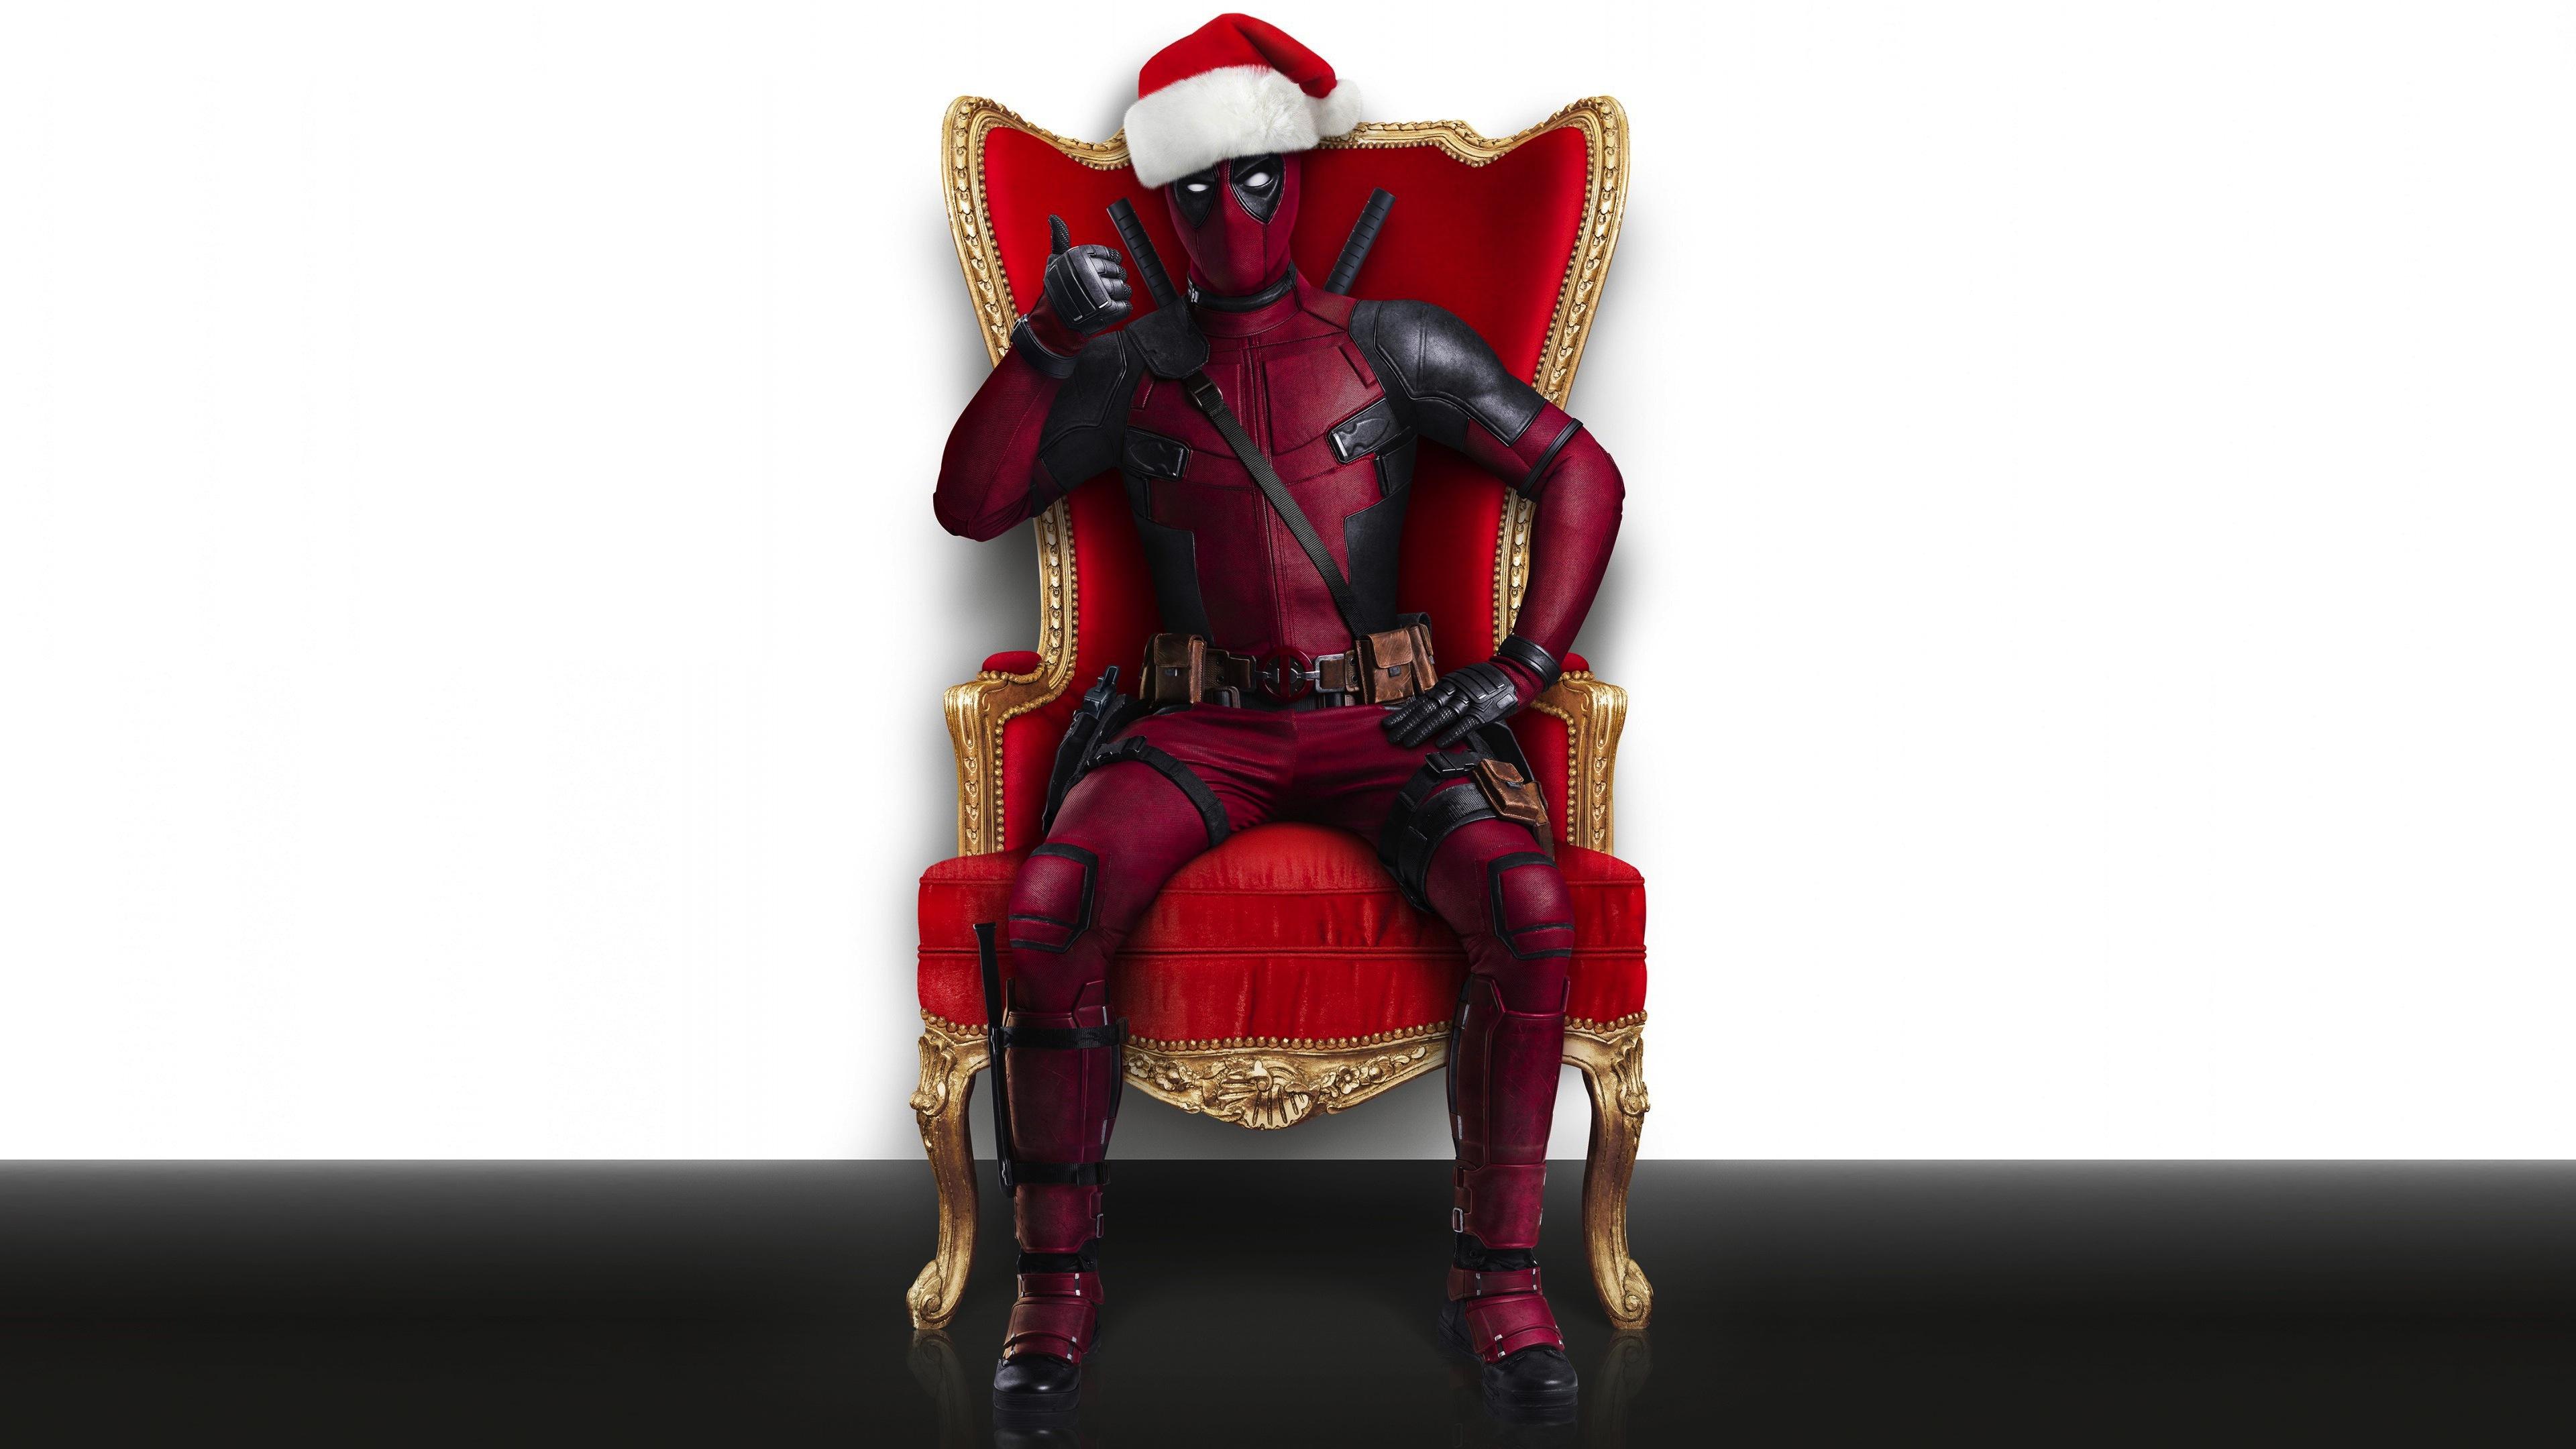 deadpool christmas 1536362811 - Deadpool Christmas - movies wallpapers, marvel comics wallpapers, deadpool wallpapers, christmas wallpapers, 2016 movies wallpapers